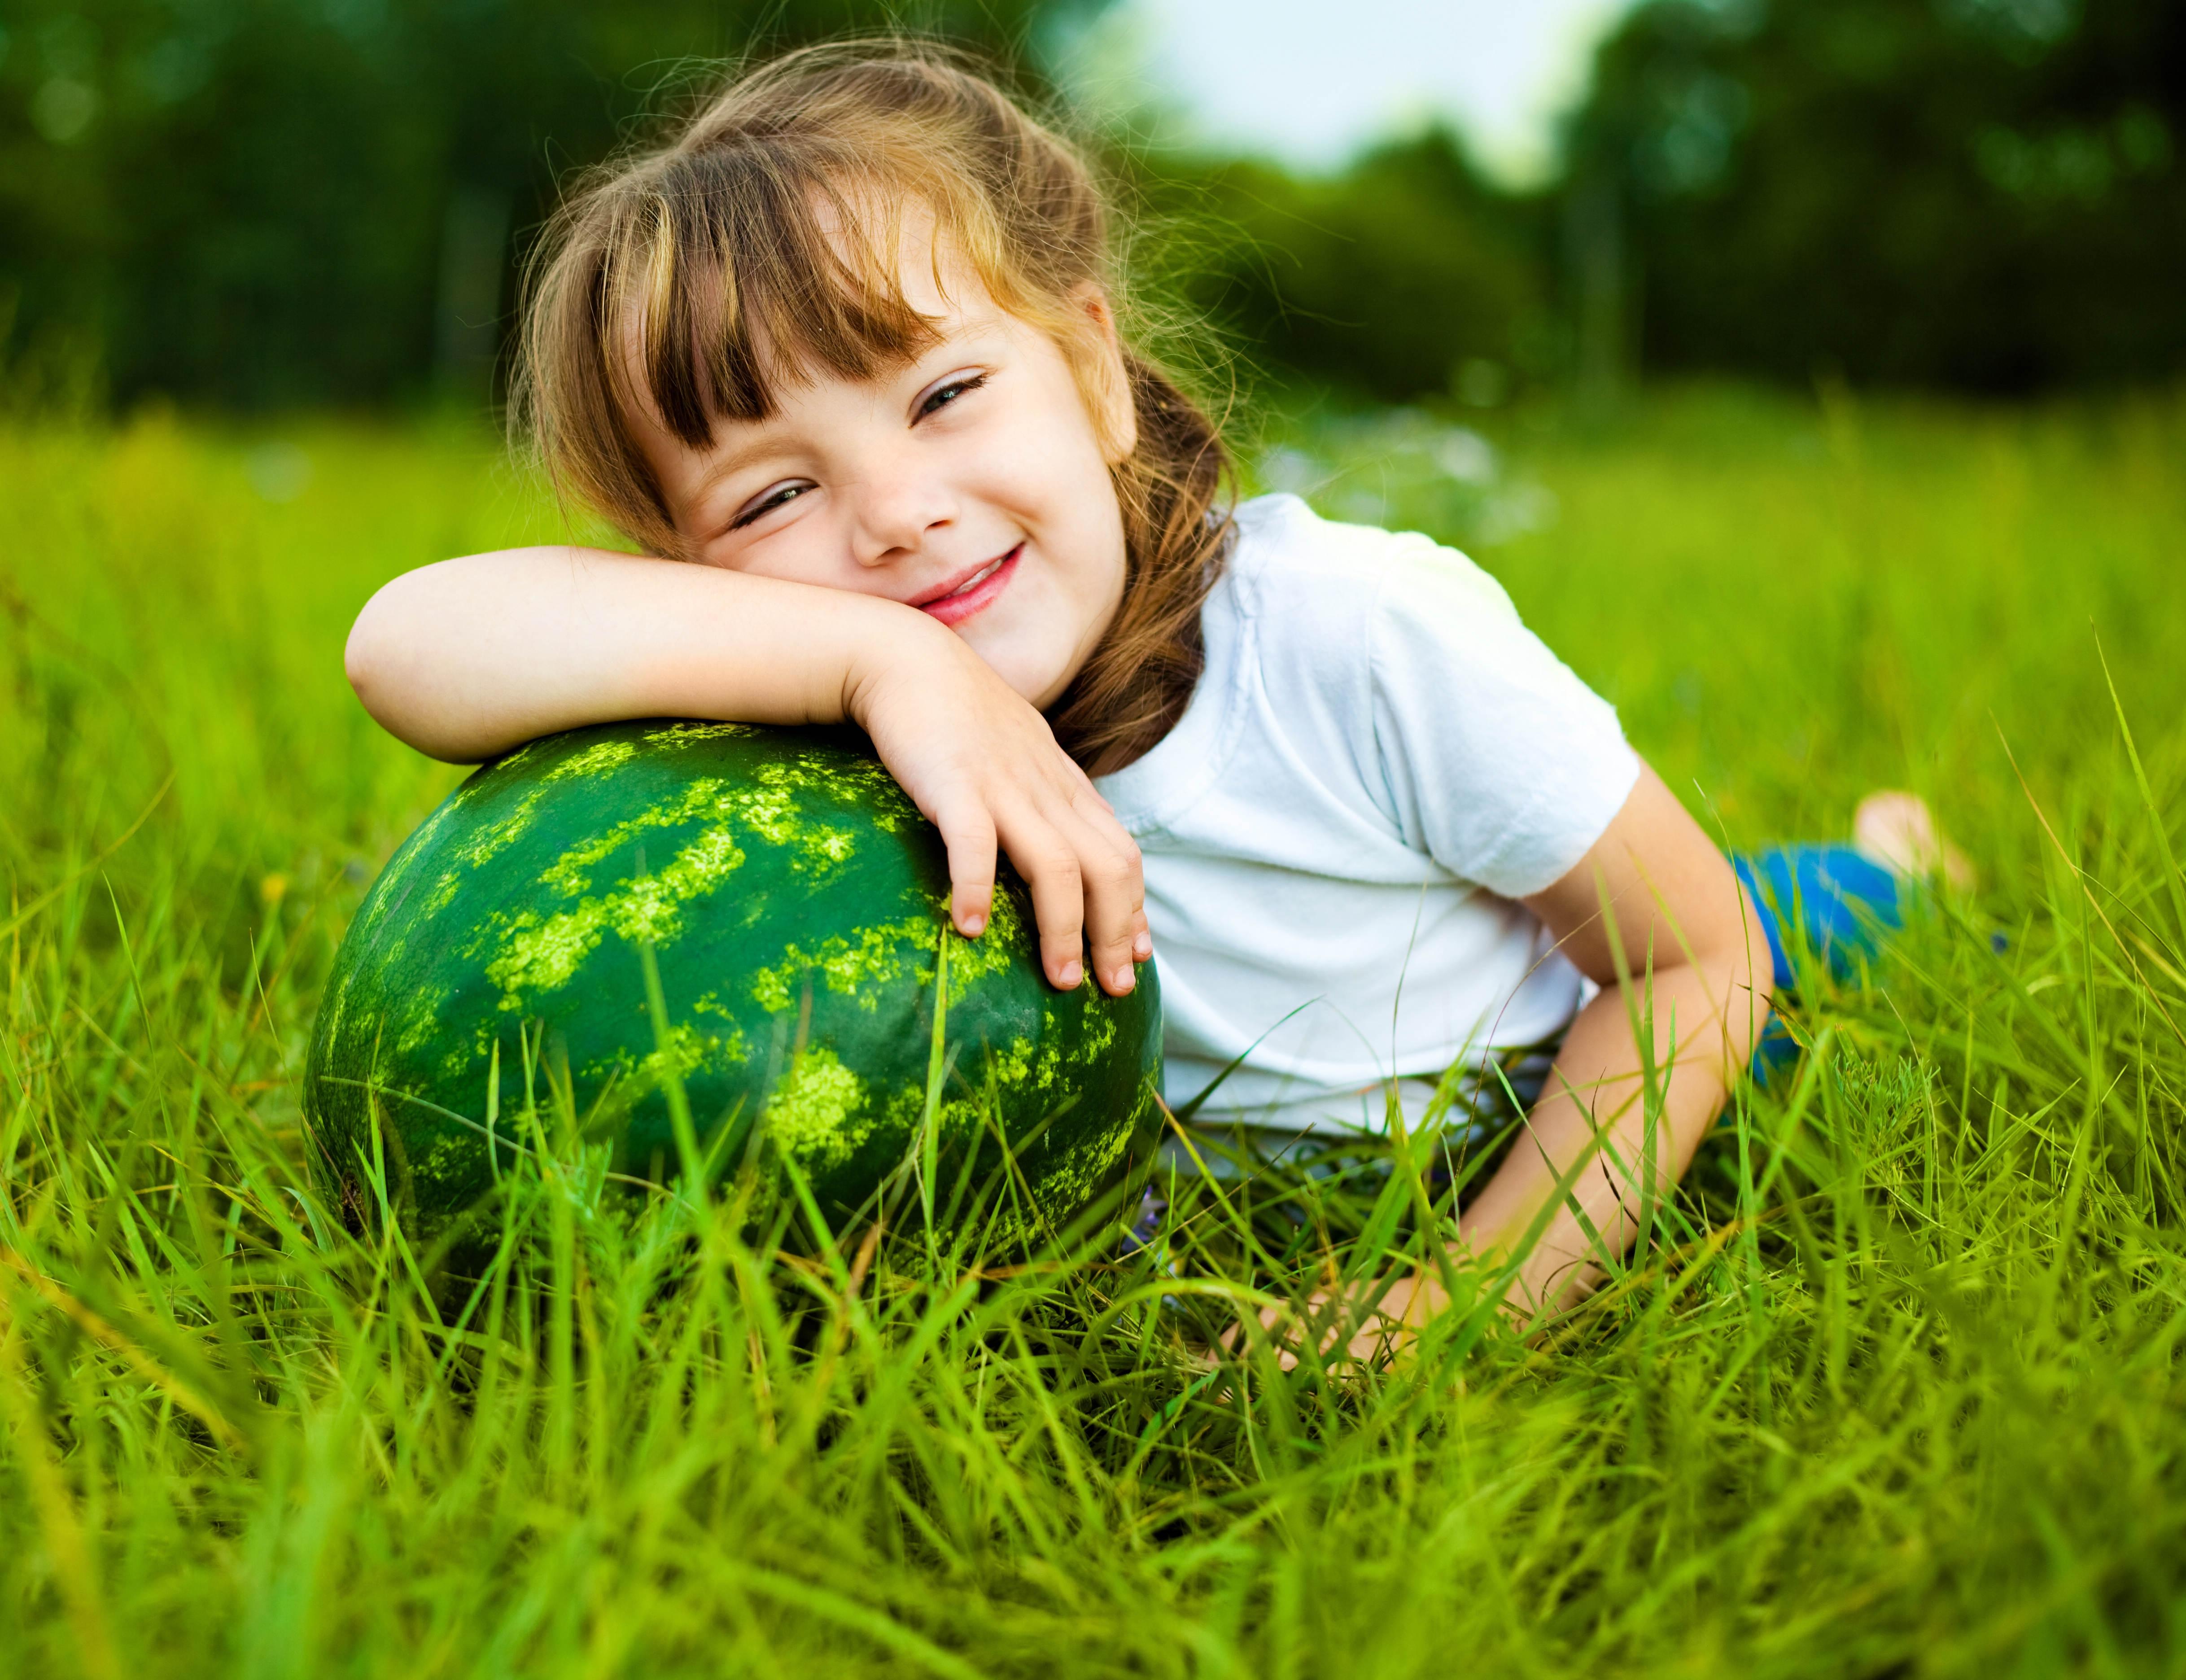 красивые фото с детьми на траве целом, остров